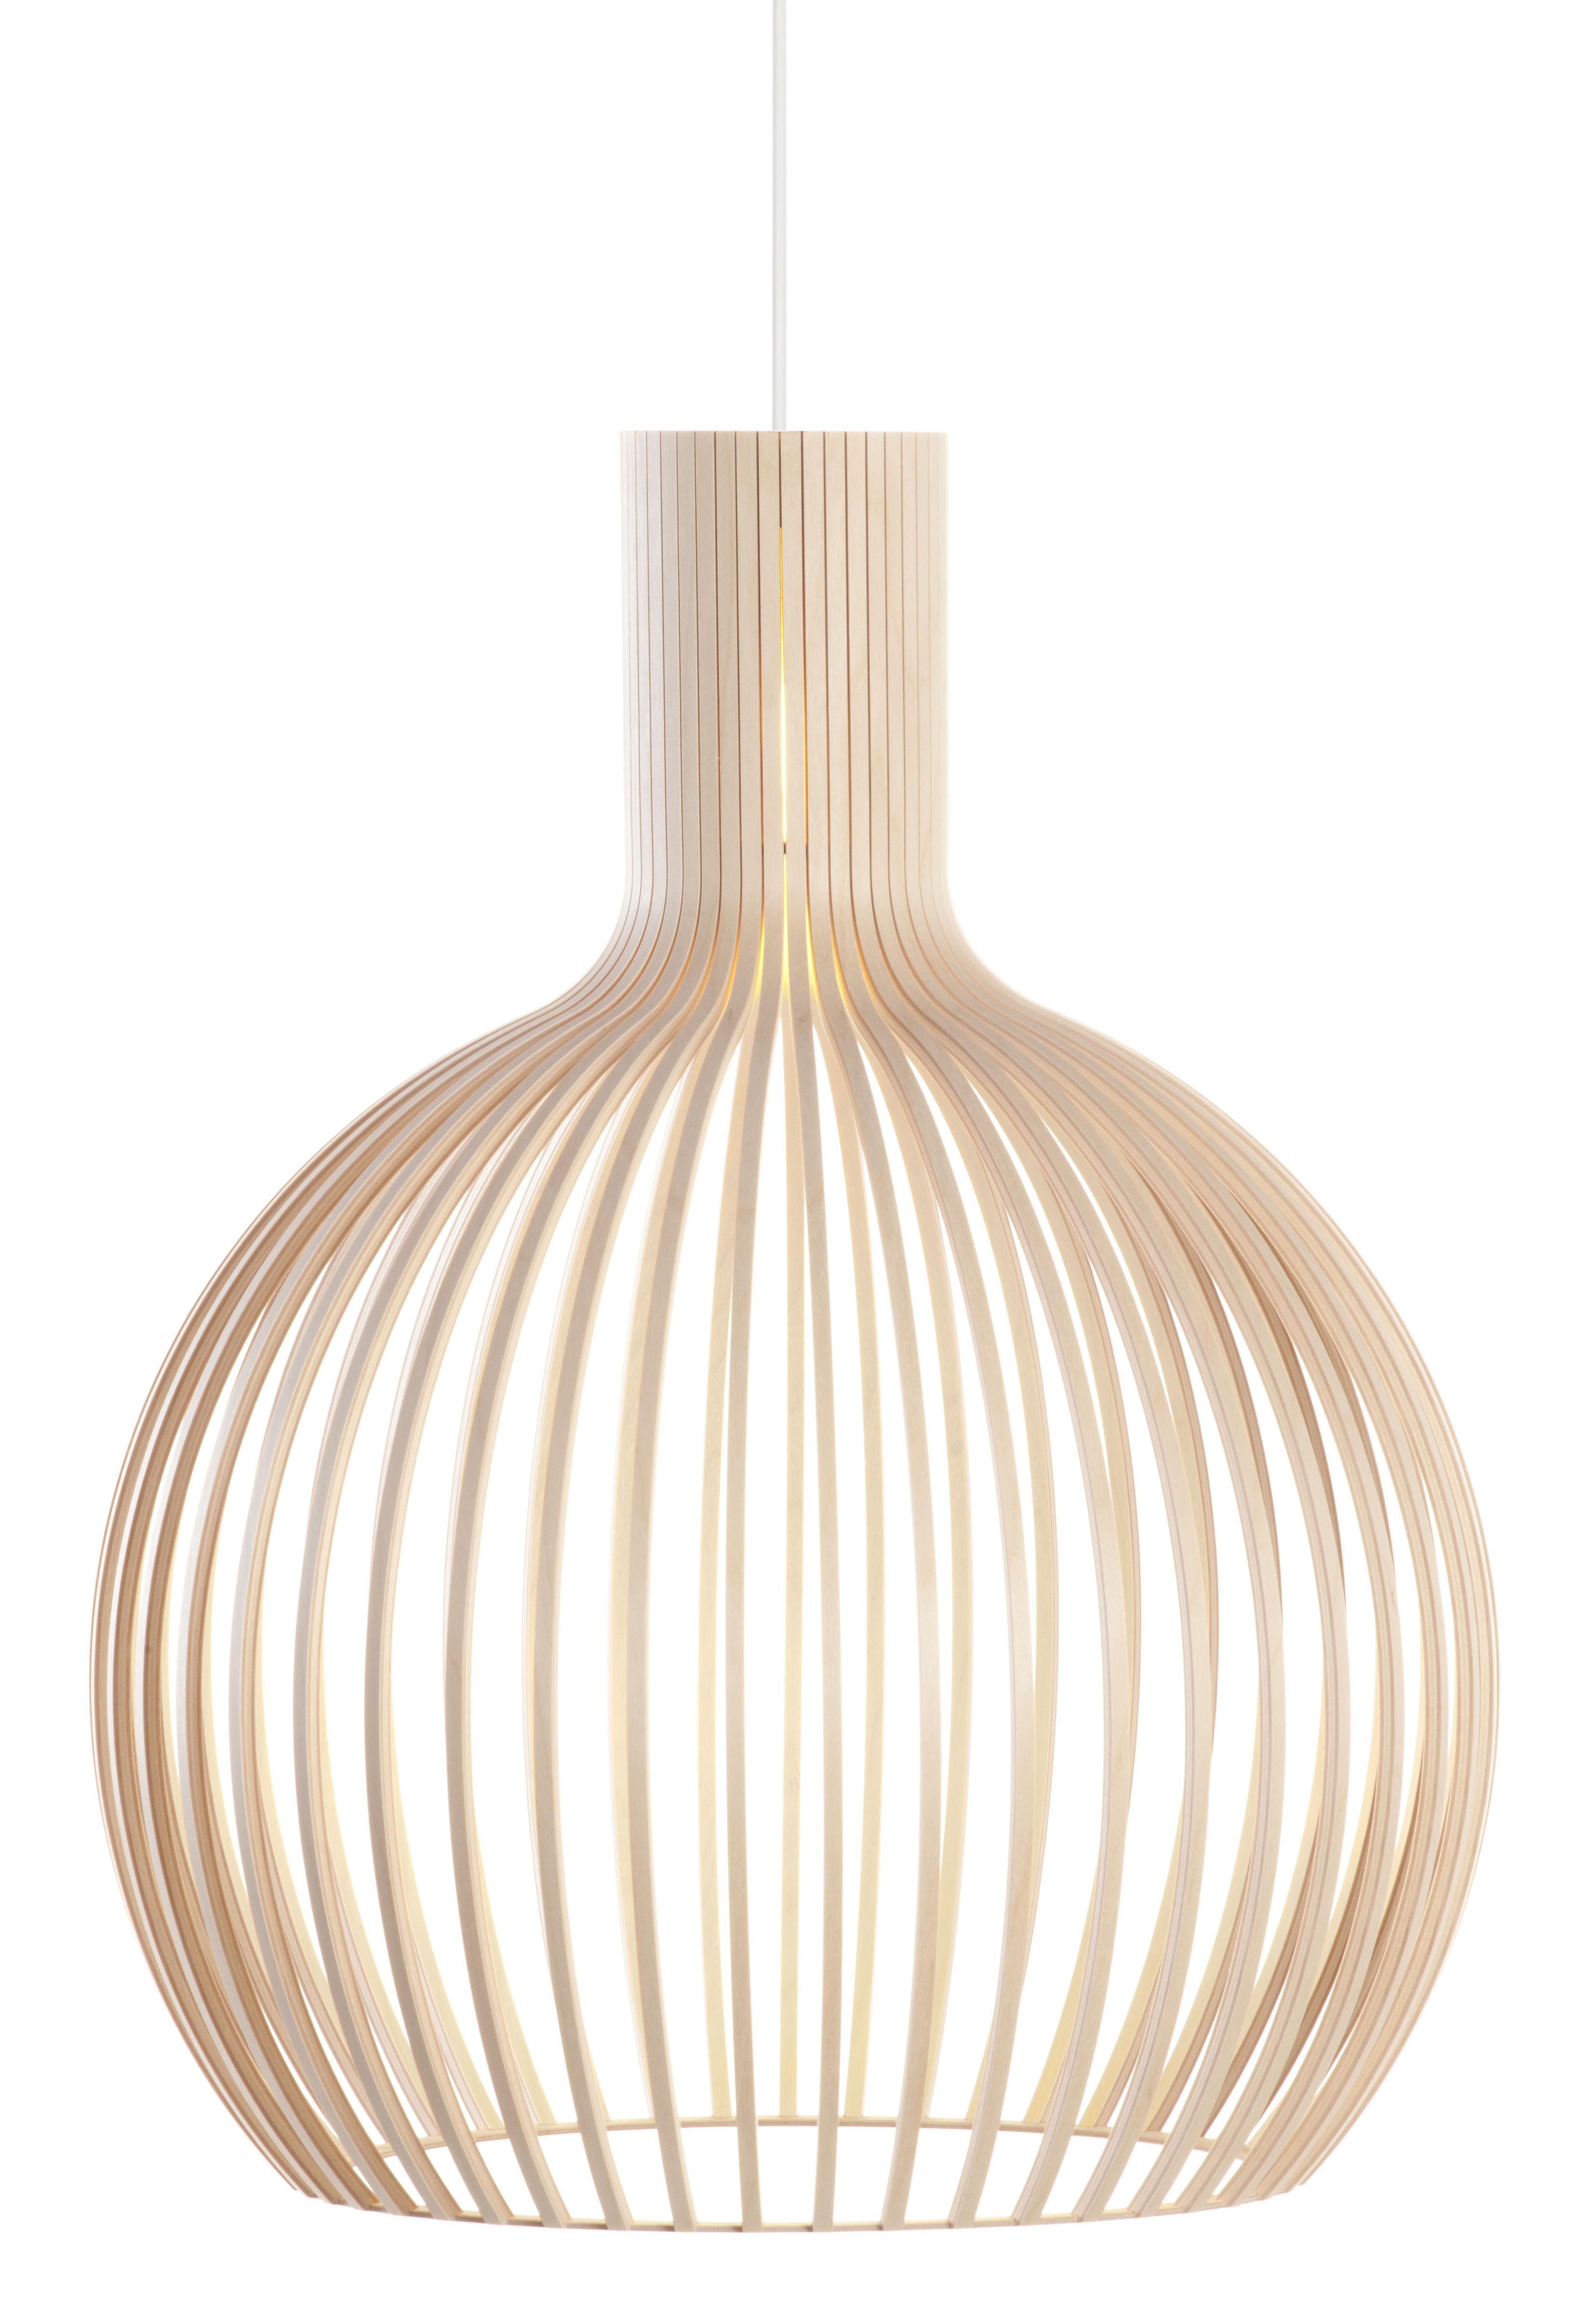 Leuchten - Pendelleuchten - Octo Pendelleuchte / Ø 54 cm - Secto Design - Birkenholz natur / Kabel weiß - Birkenlatten, Textil